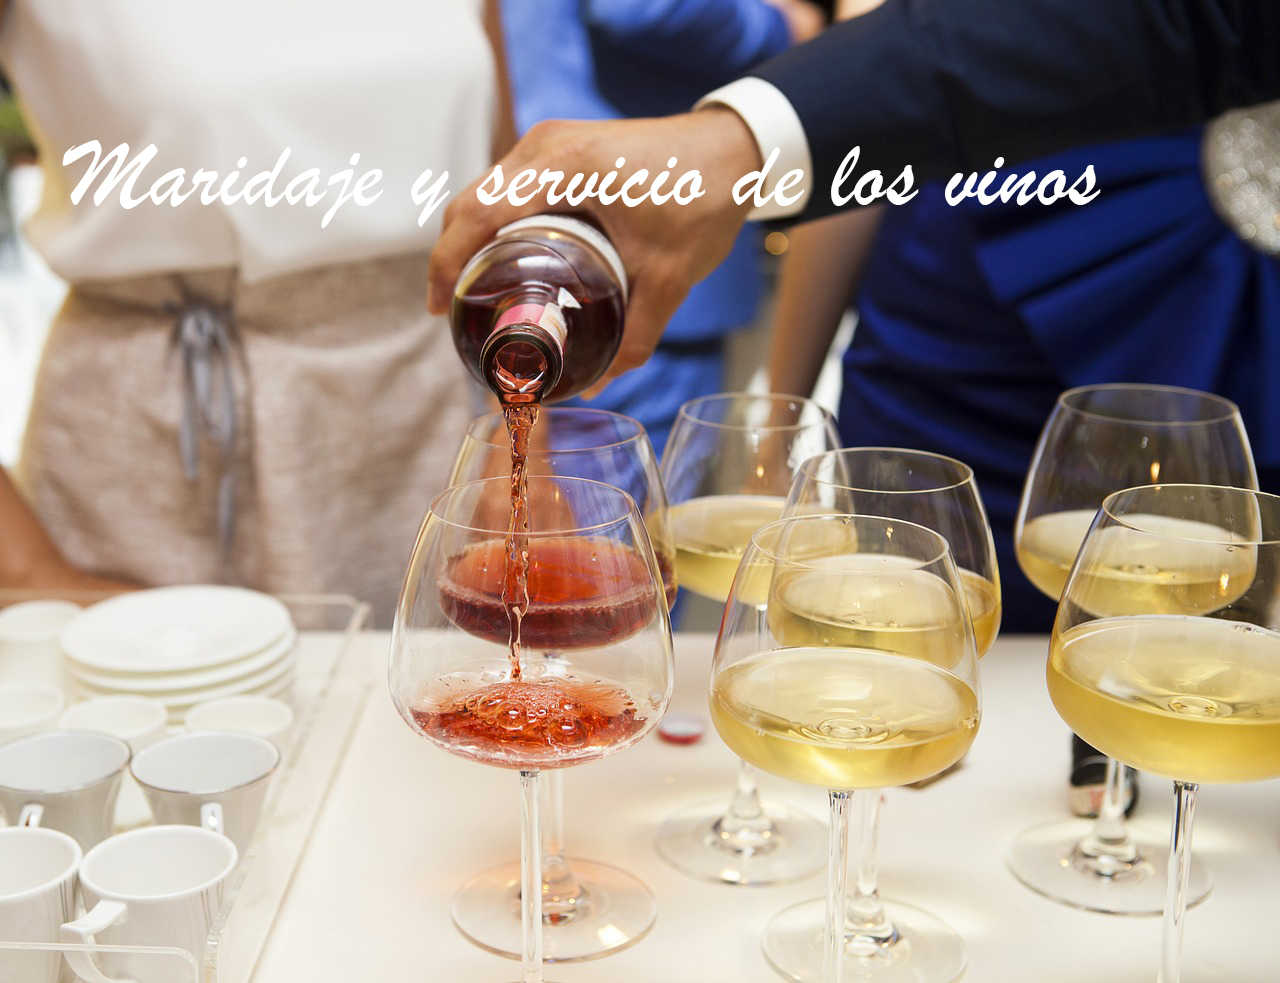 maridaje y servicio de los vinos